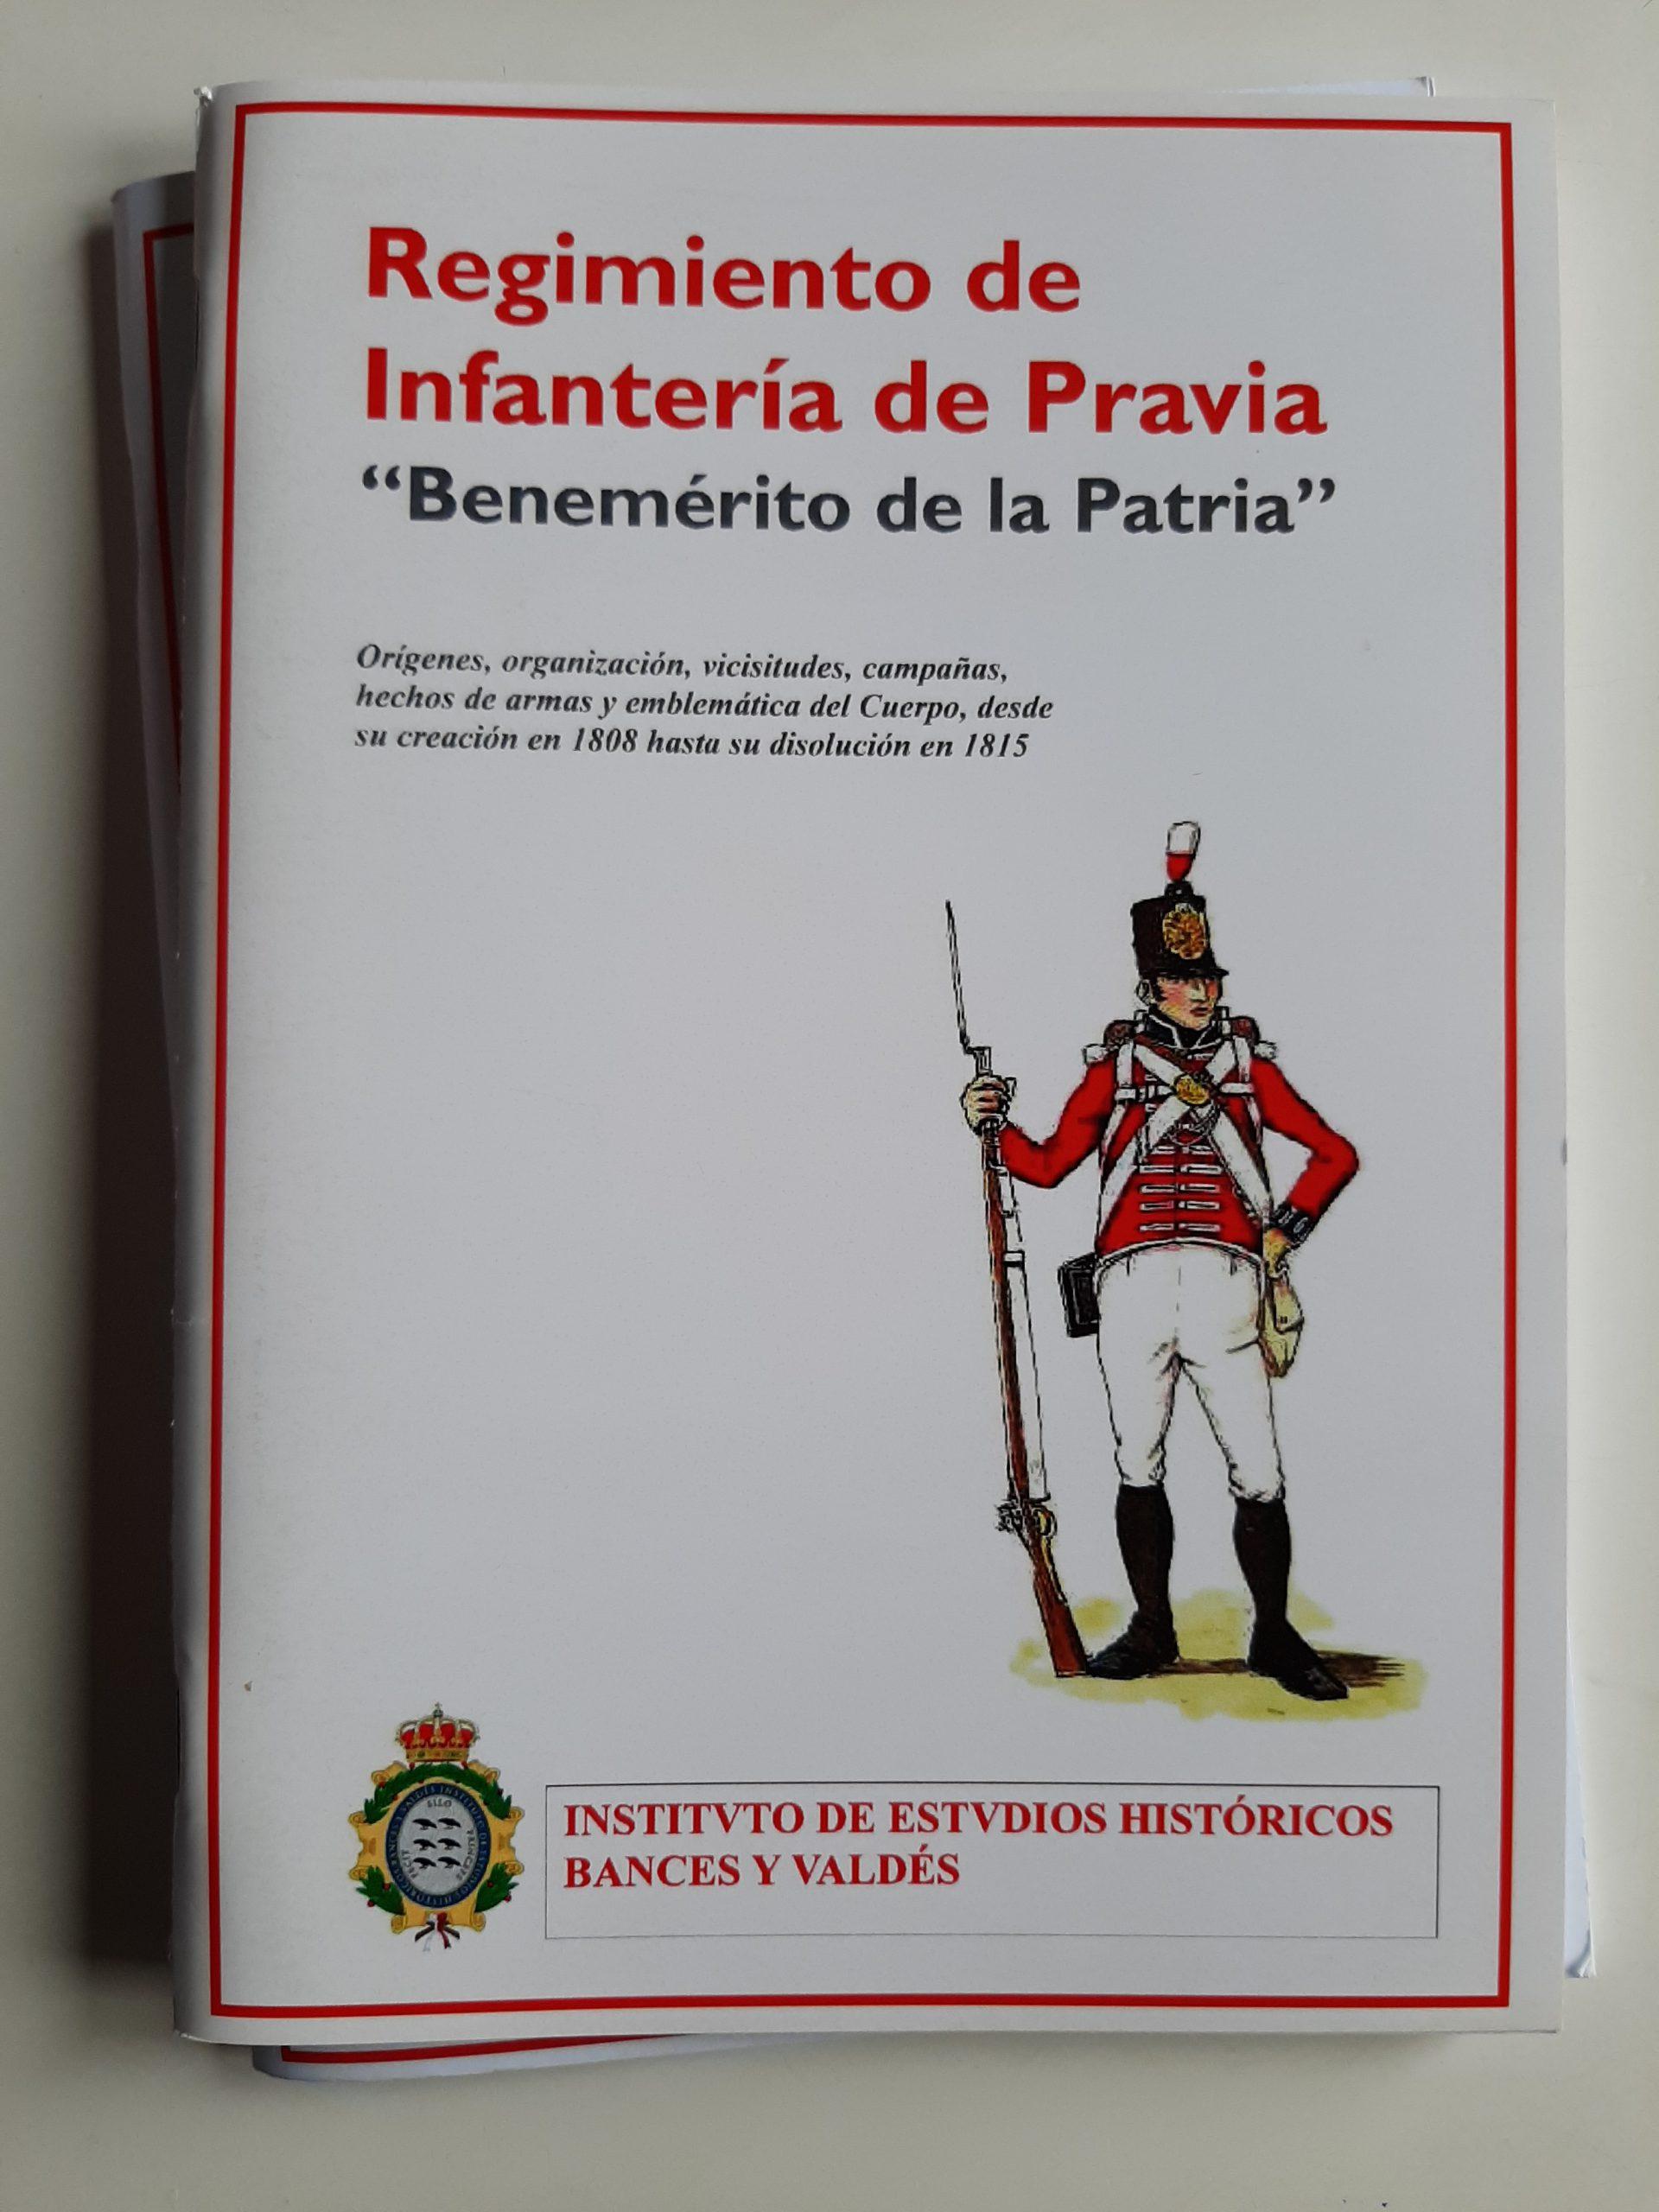 Regimiento de Infantería de Pravia